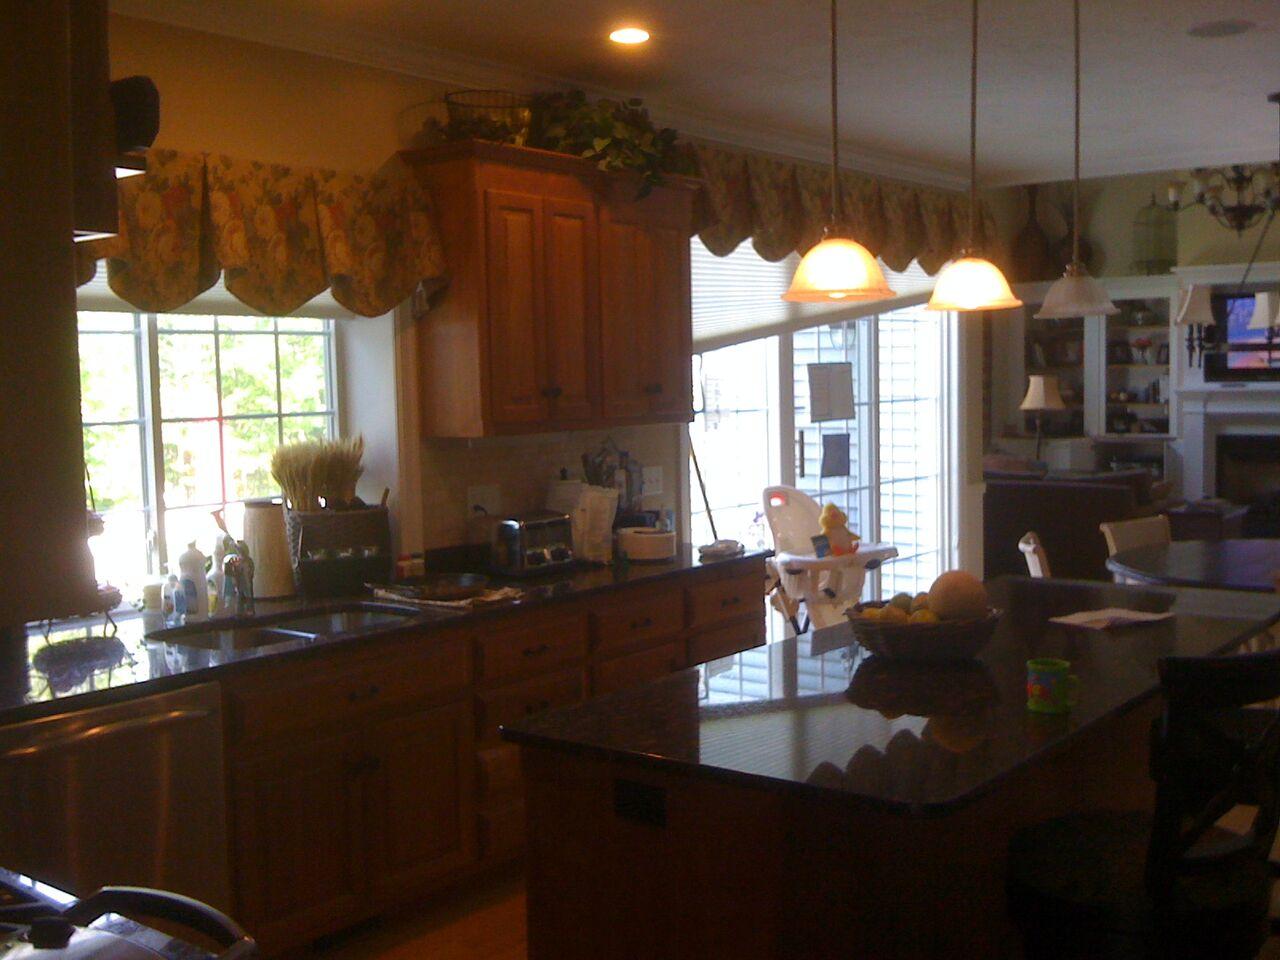 suburban boston kitchen renovation before photo 1